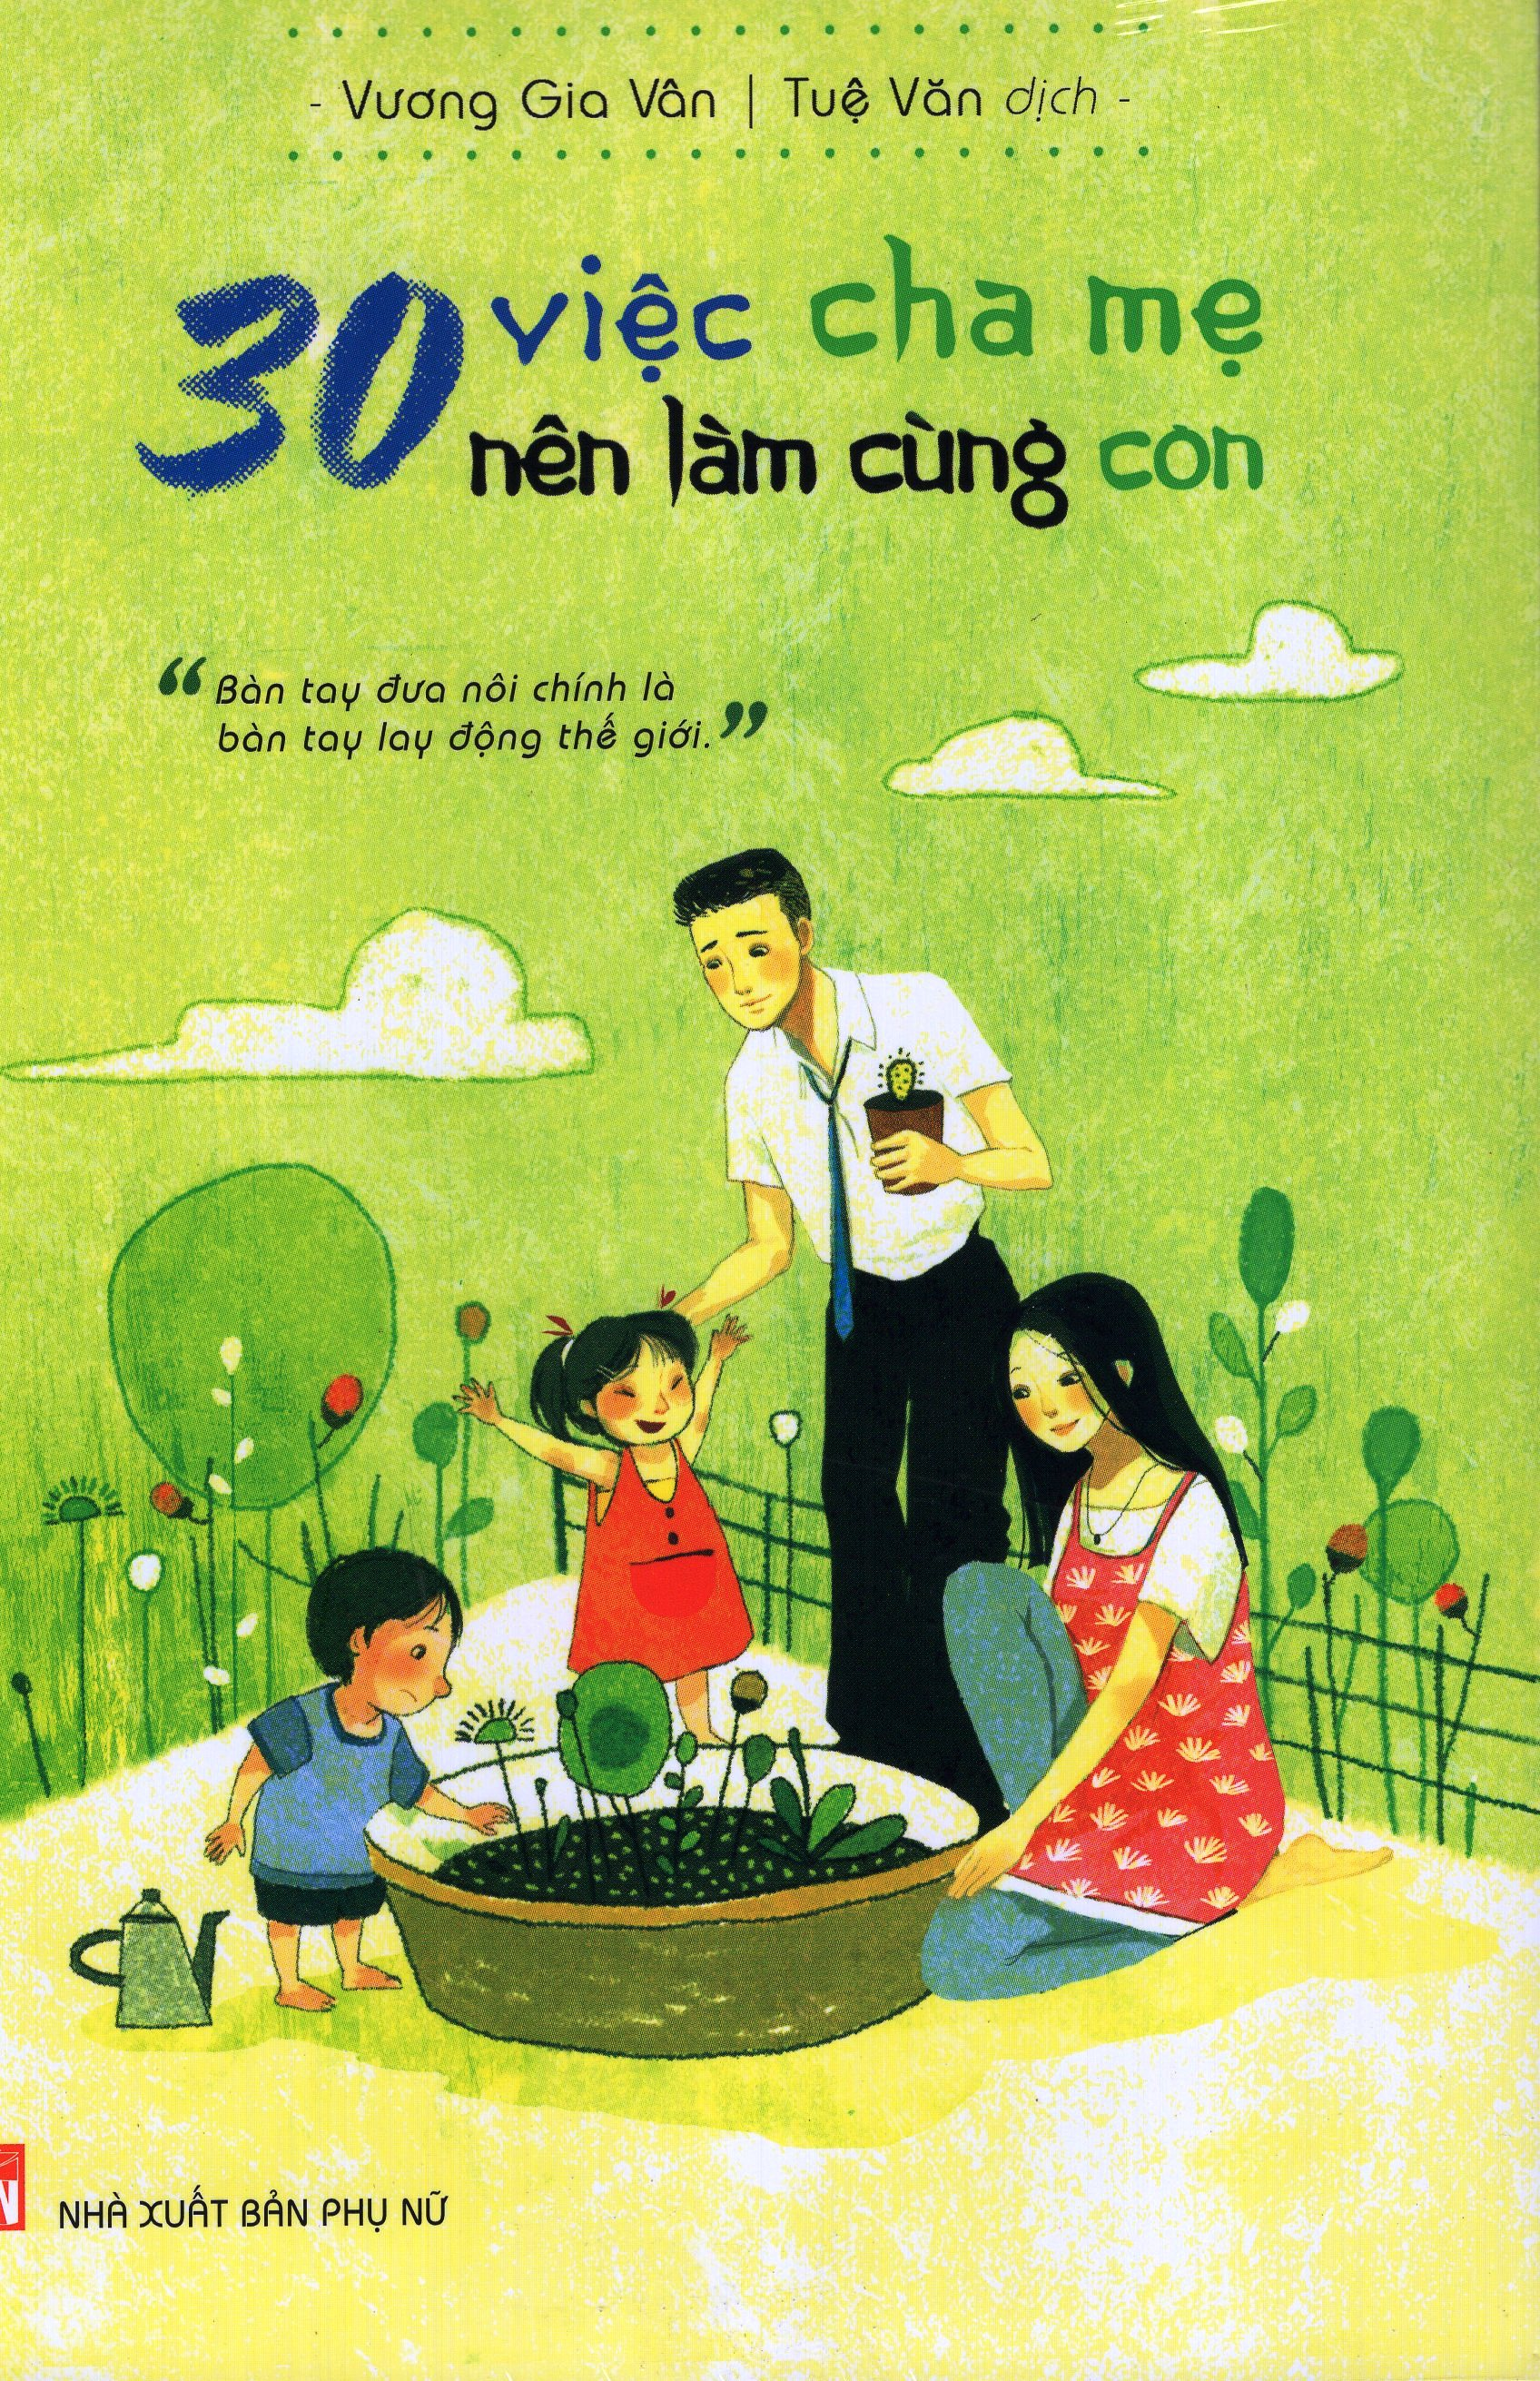 30 Việc Cha Mẹ Nên Làm Cùng Con - 8936046599791,62_71321,81000,tiki.vn,30-Viec-Cha-Me-Nen-Lam-Cung-Con-62_71321,30 Việc Cha Mẹ Nên Làm Cùng Con